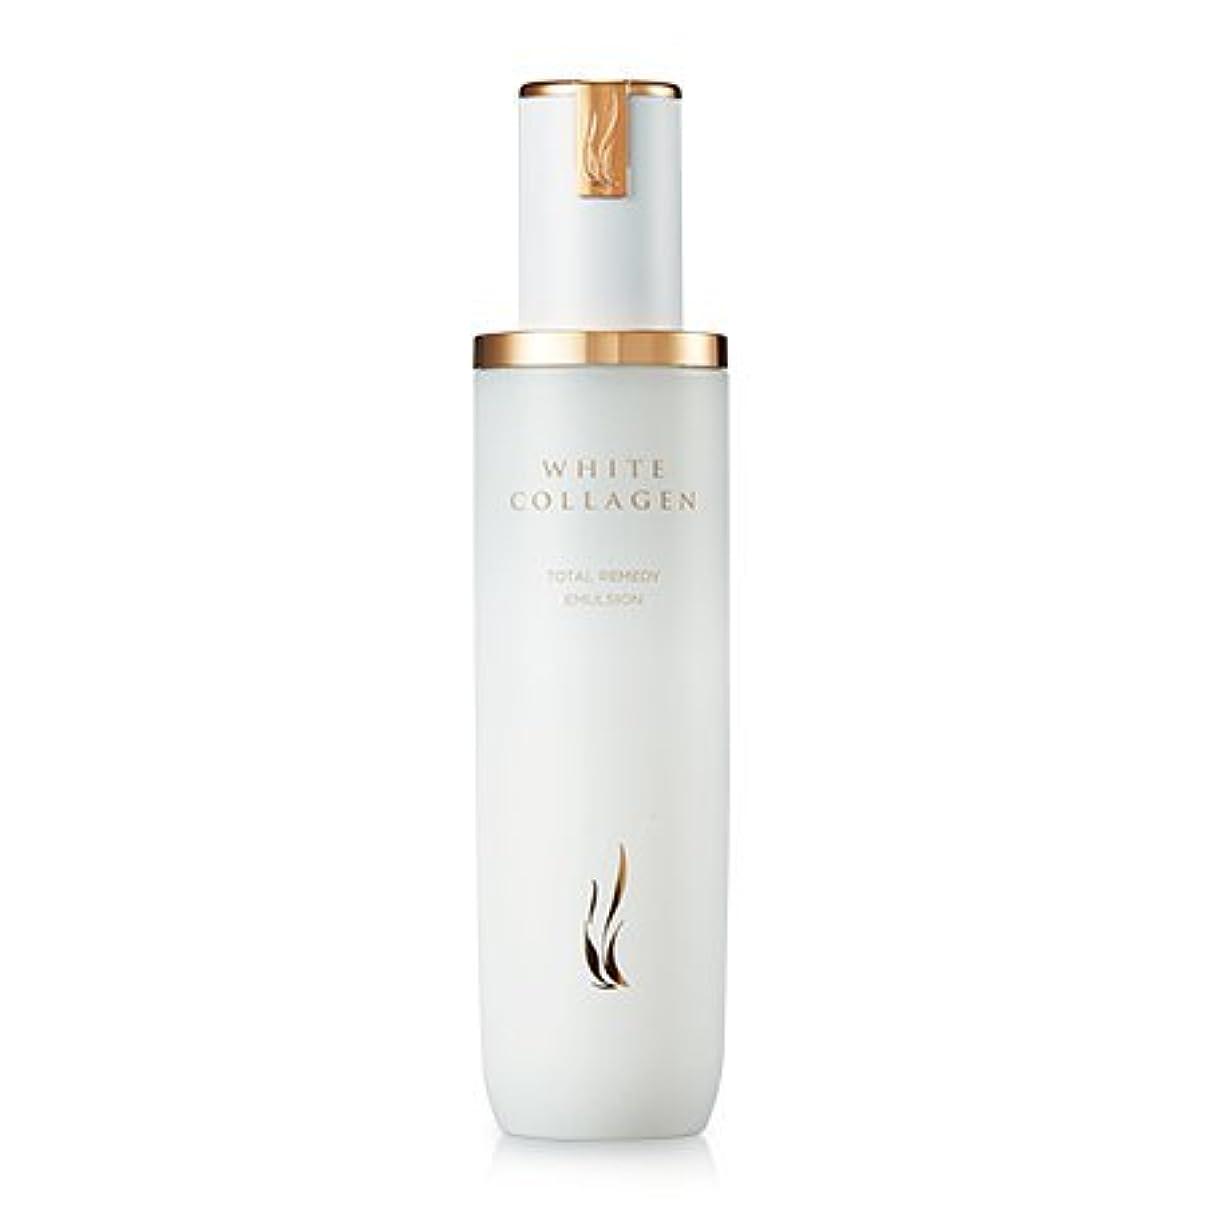 本気銅嫌な[New] A.H.C (AHC) White Collagen Total Remedy Emulsion 130ml/A.H.C ホワイト コラーゲン トータル レミディ エマルジョン 130ml [並行輸入品]